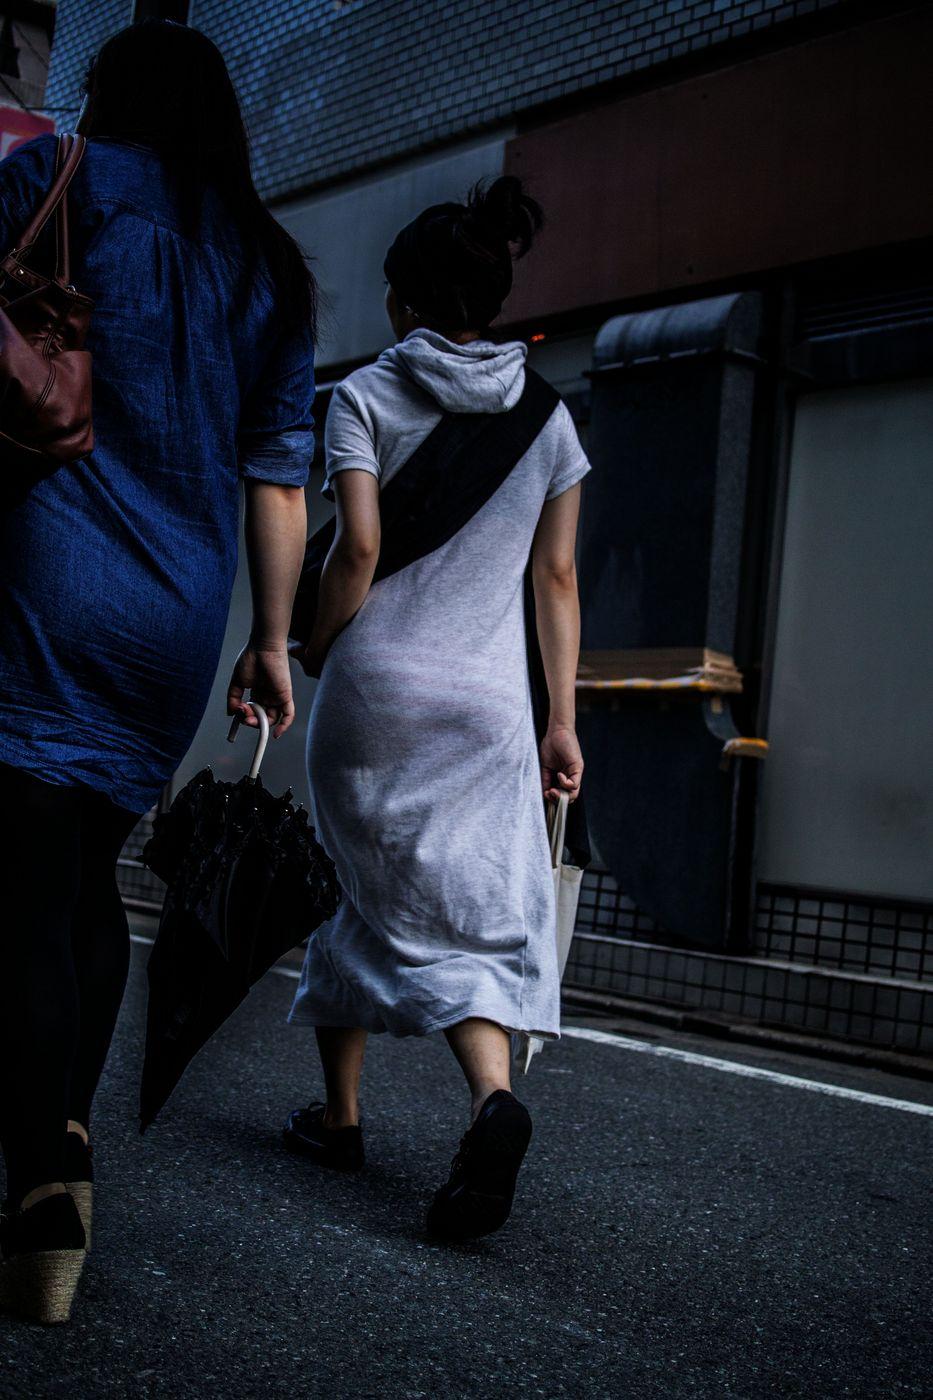 【着尻エロ画像】本人達は無自覚でもないwタイトなお尻に下着が浮く(;^ω^)